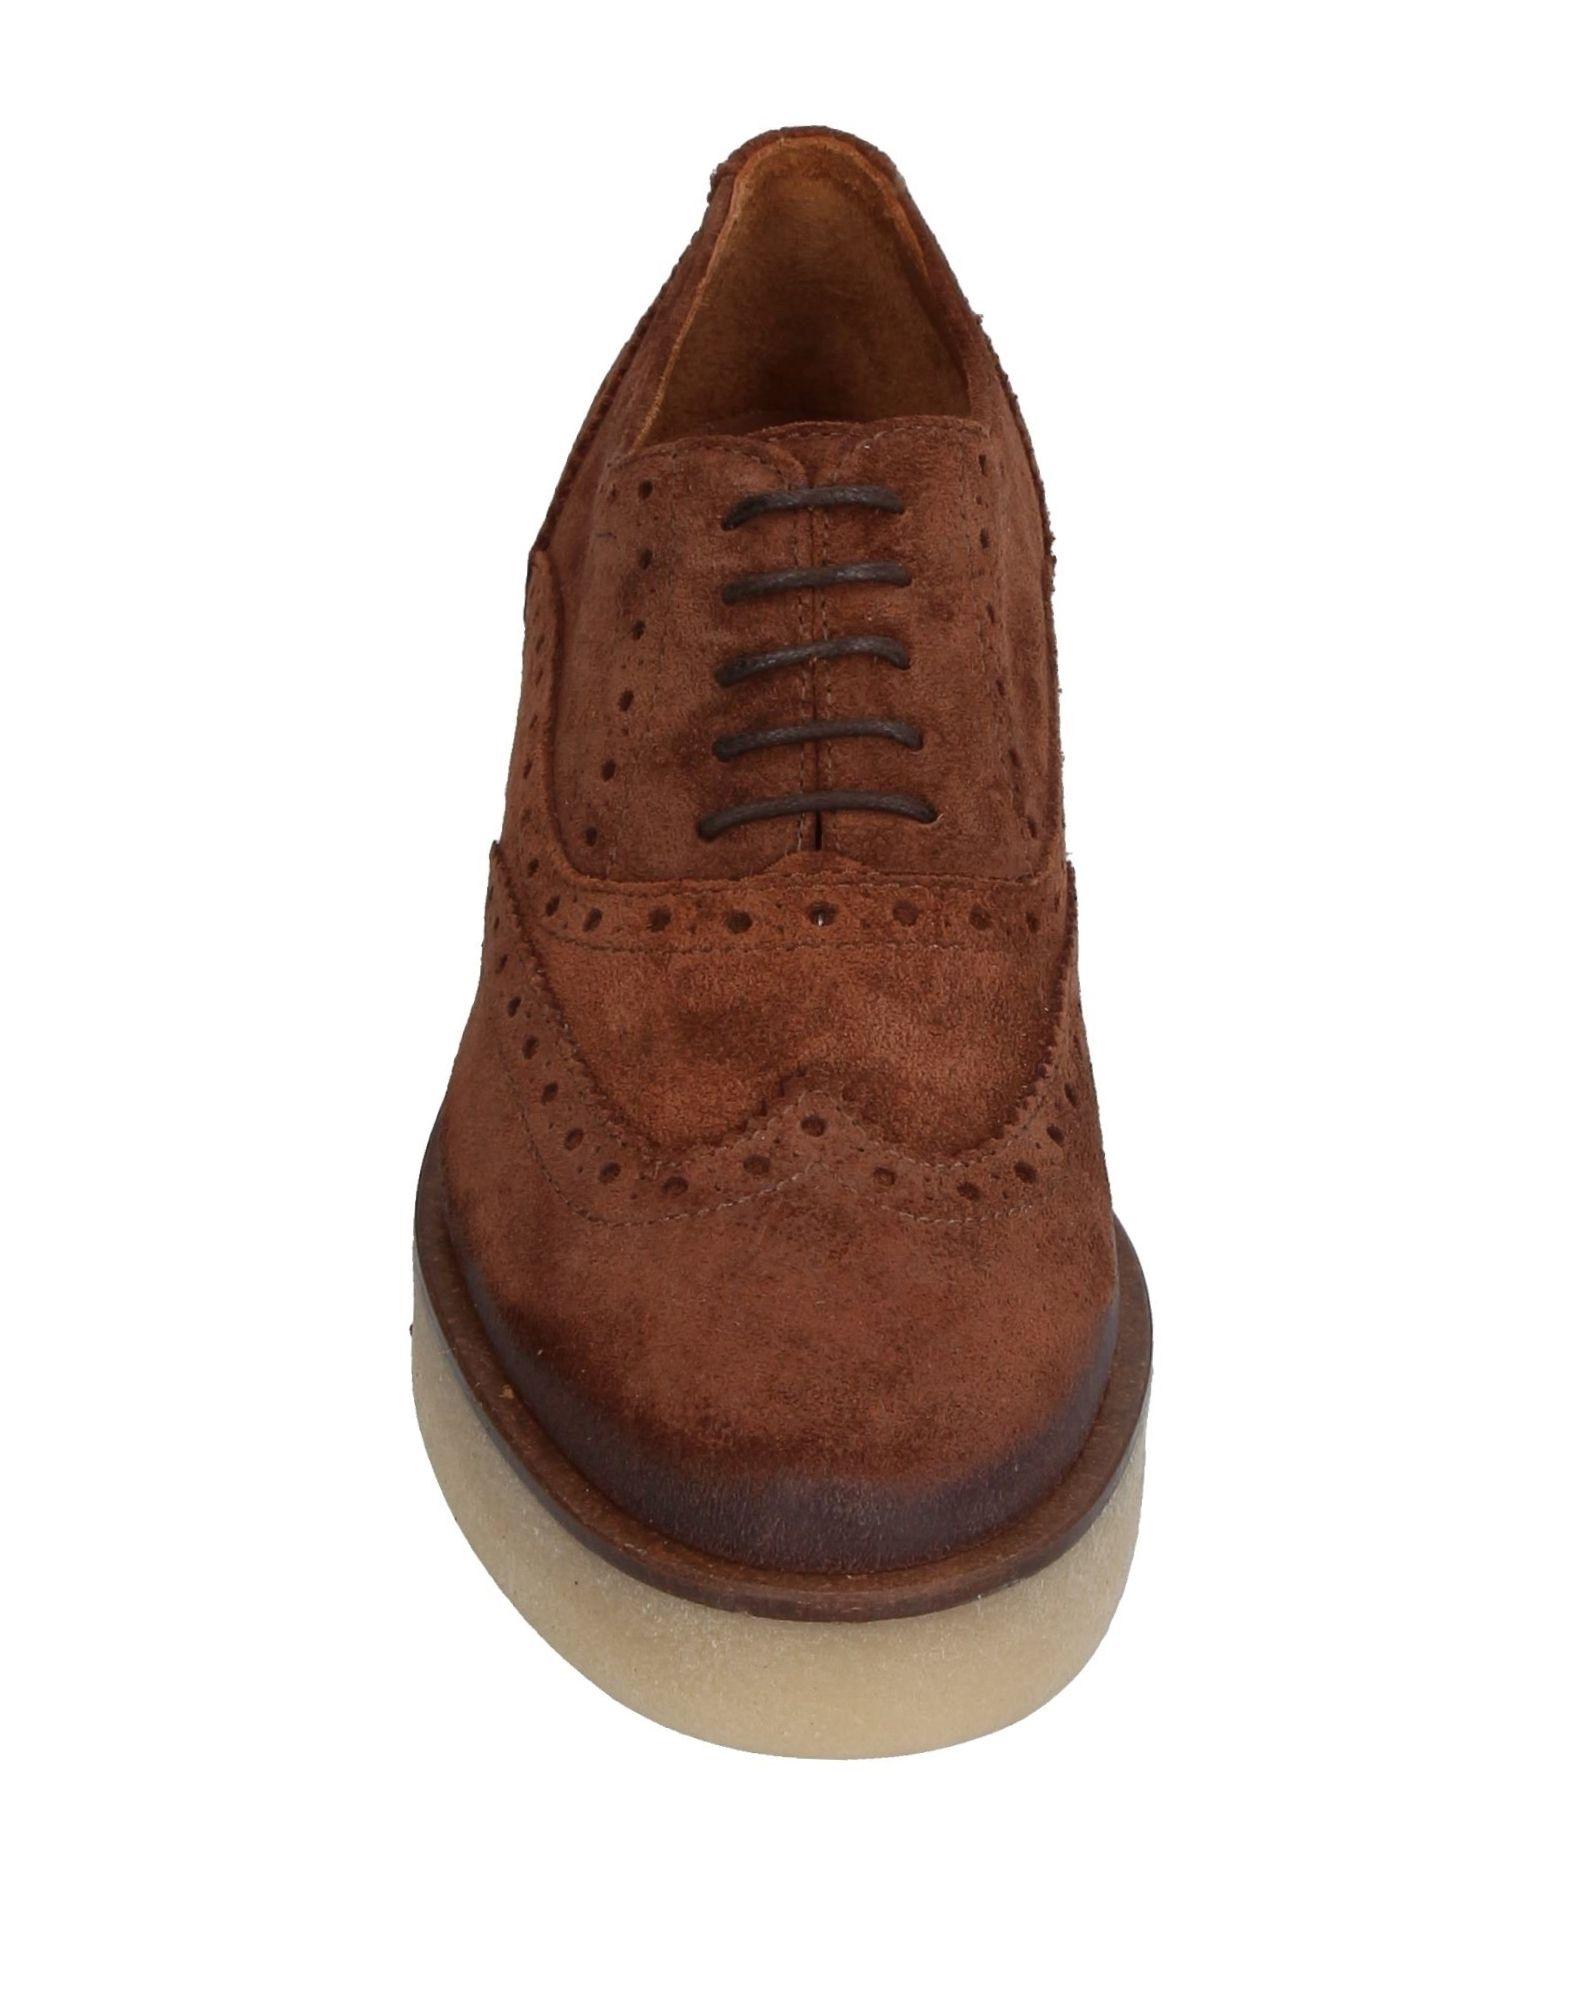 Spaziomoda Schnürschuhe Damen  11222510UX Schuhe Heiße Schuhe 11222510UX 07539d